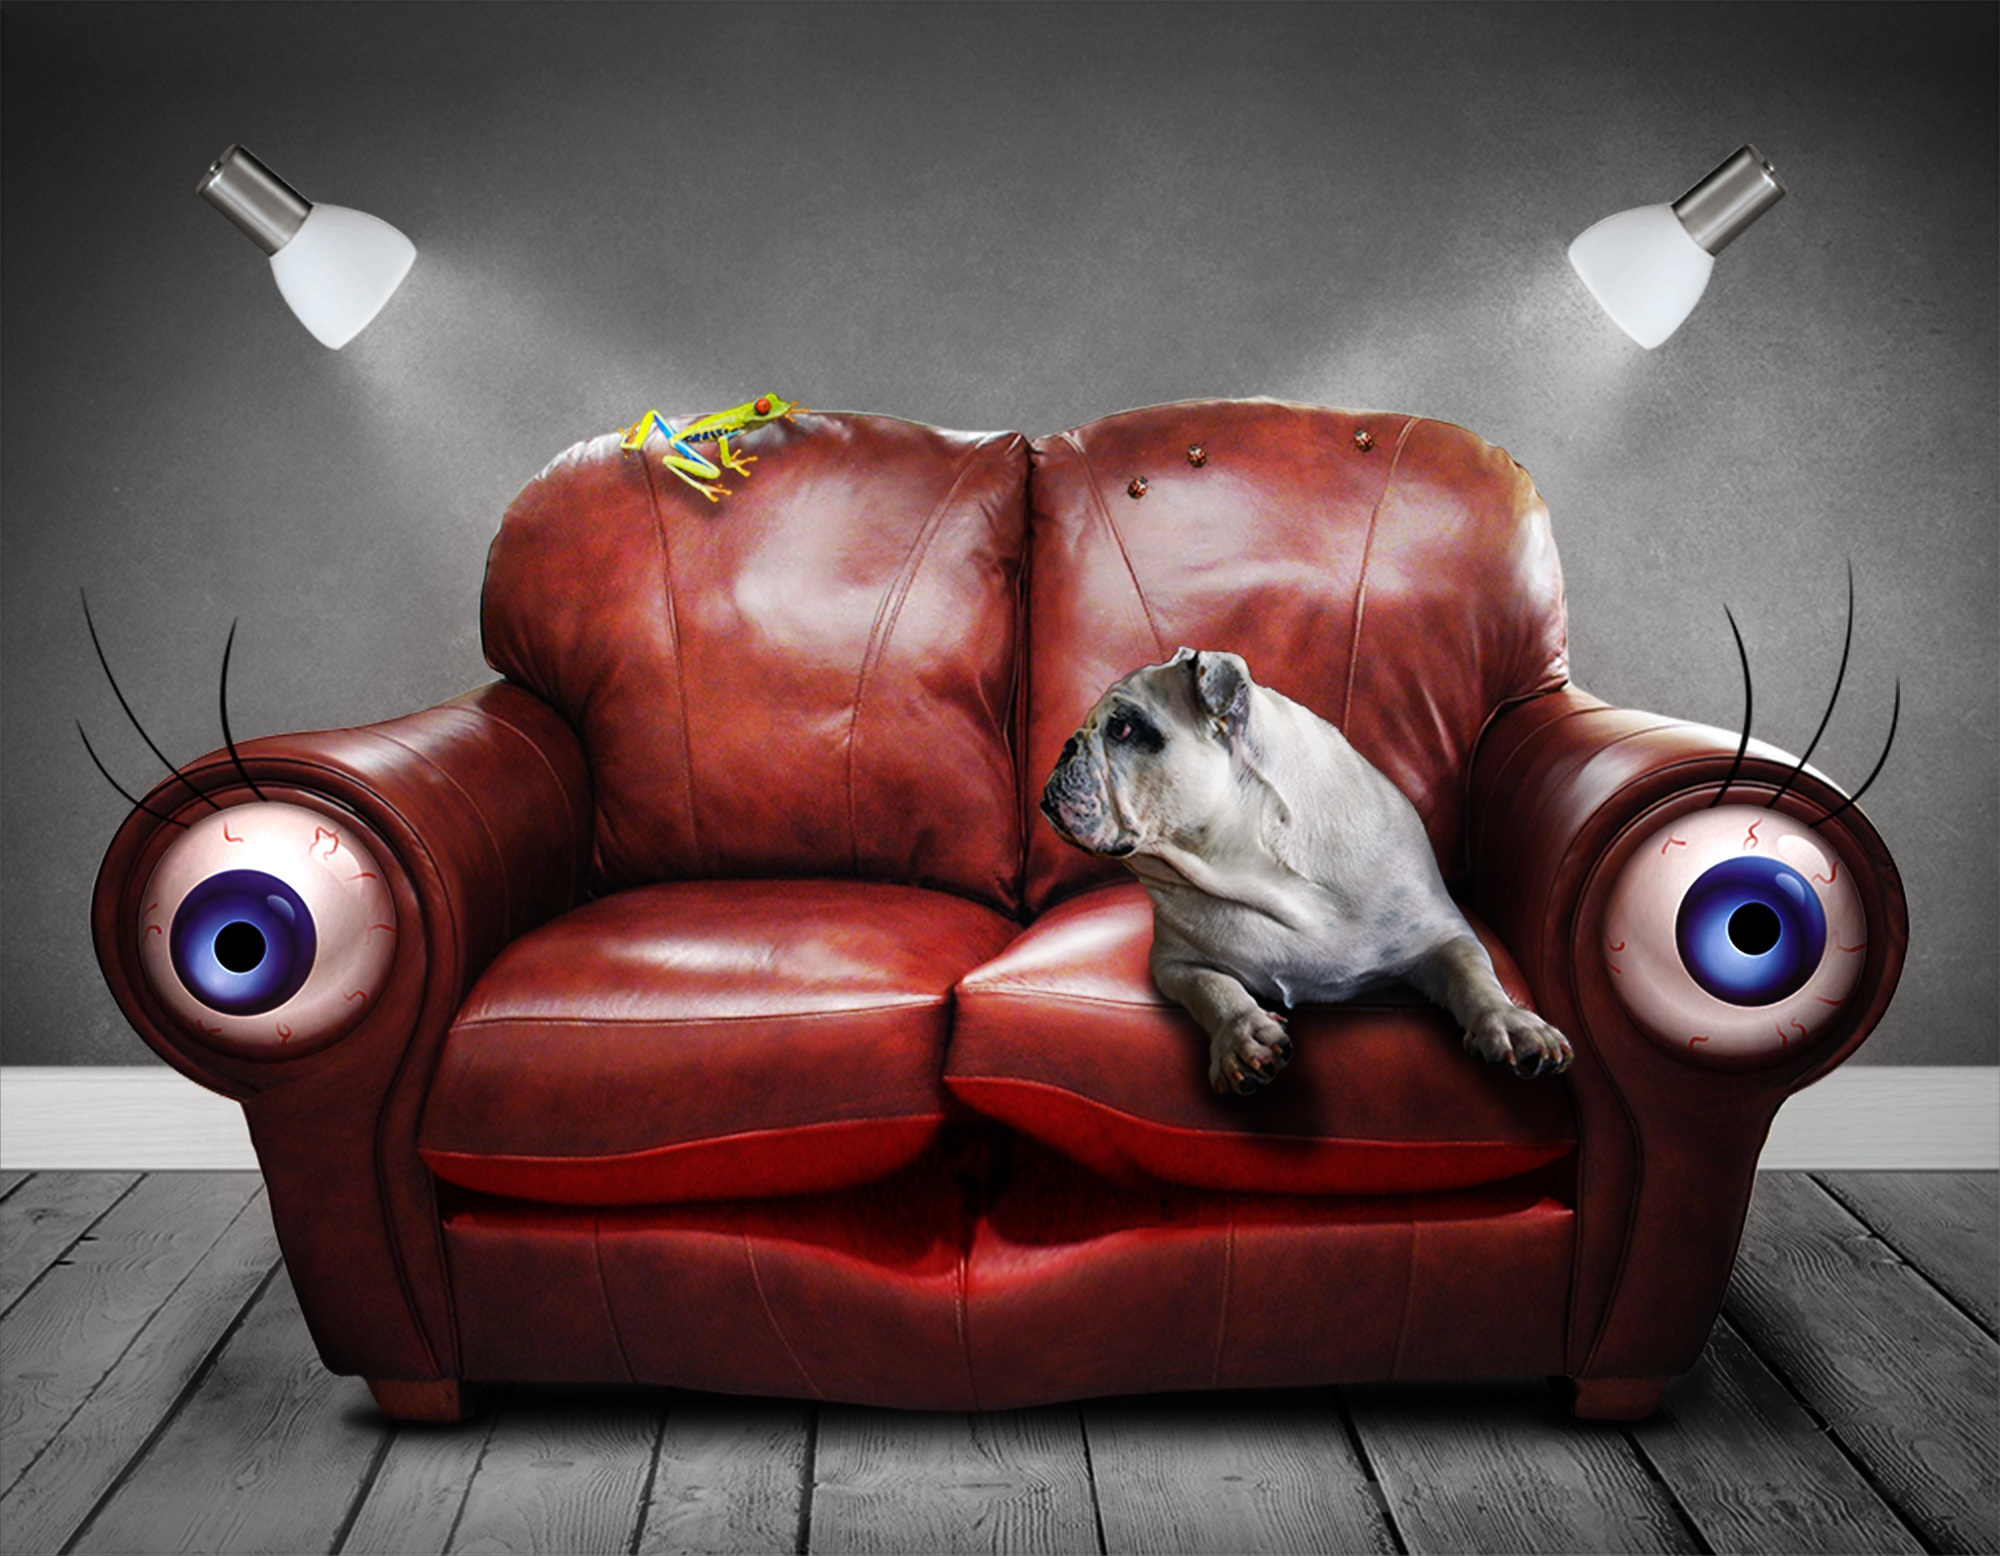 мягкий уголок, глаза, собака, сюрреалистический, Фэнтези - Обои HD - Профессор falken.com